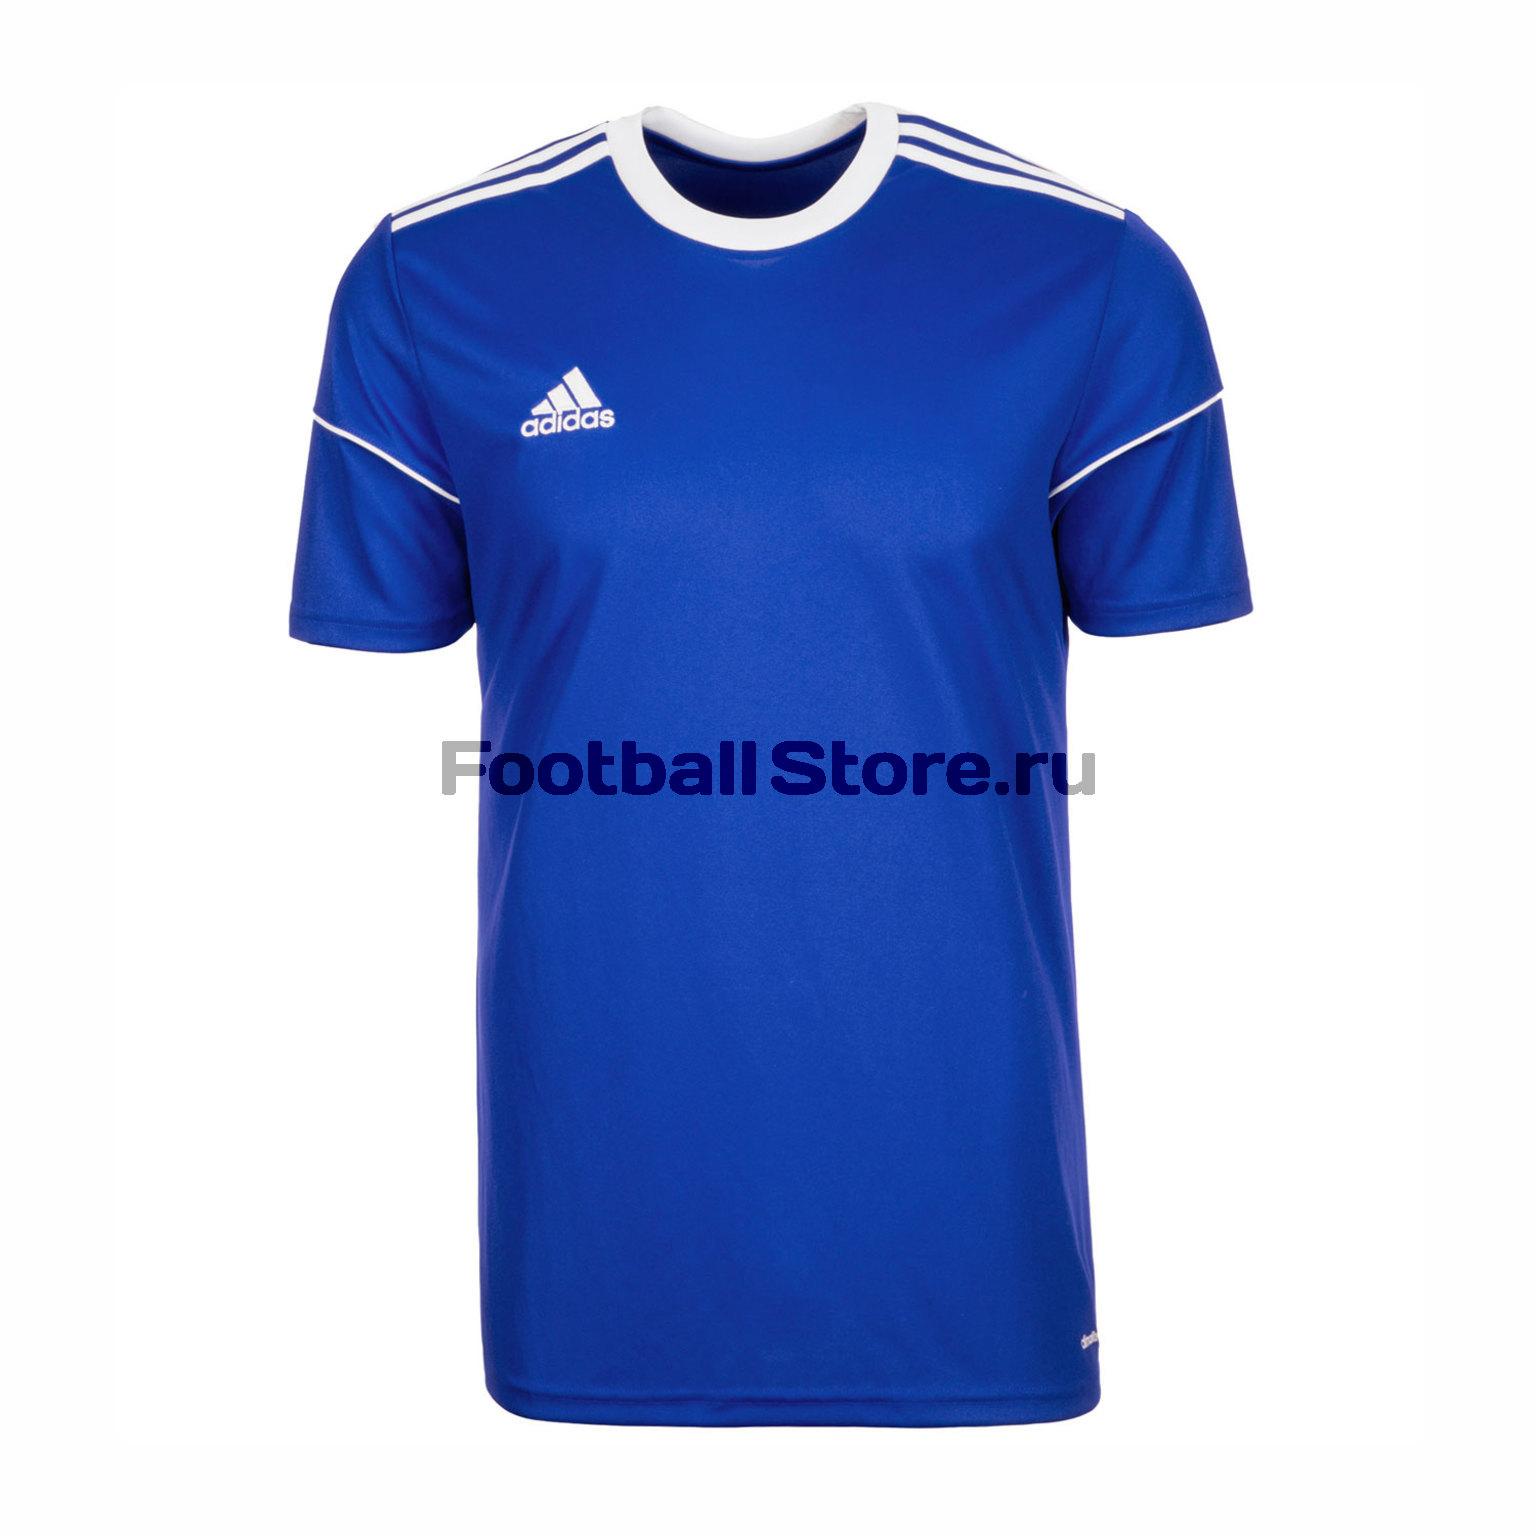 Футболки Adidas Футболка игровая Adidas Squad 17 S99149 недорго, оригинальная цена